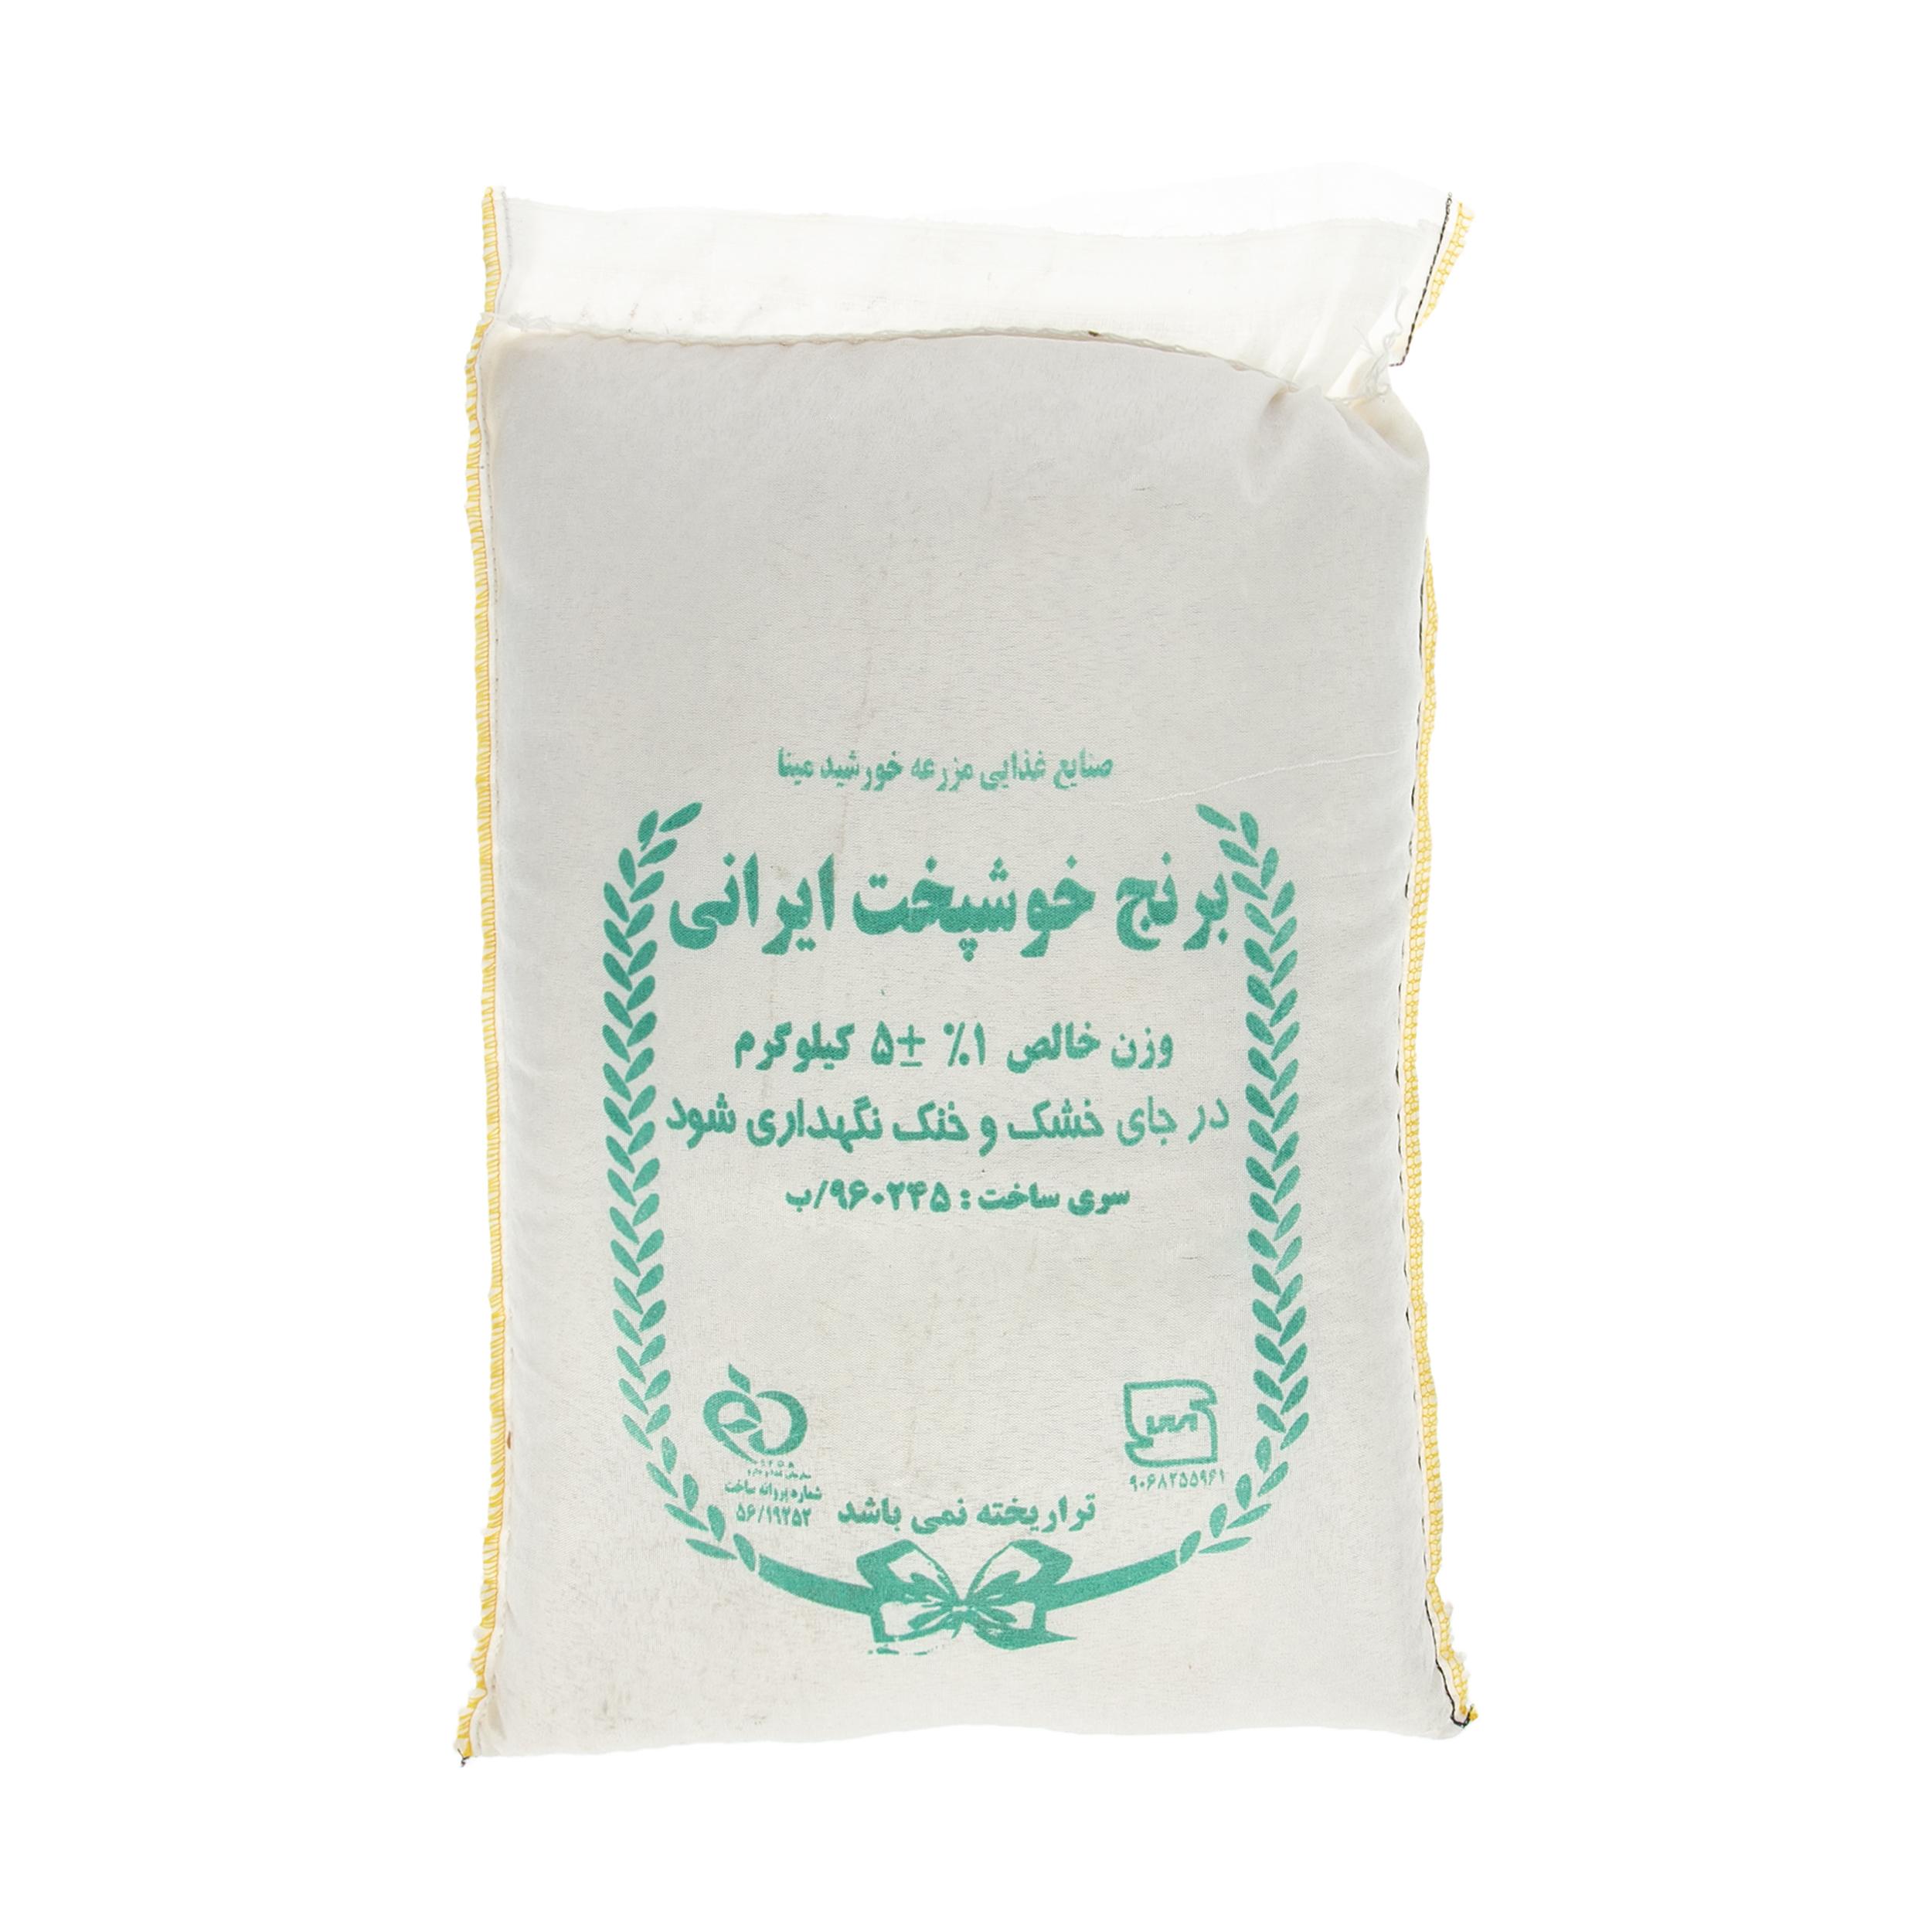 برنج خوشپخت ایرانی مزرعه خورشید مینا - 5 کیلوگرم